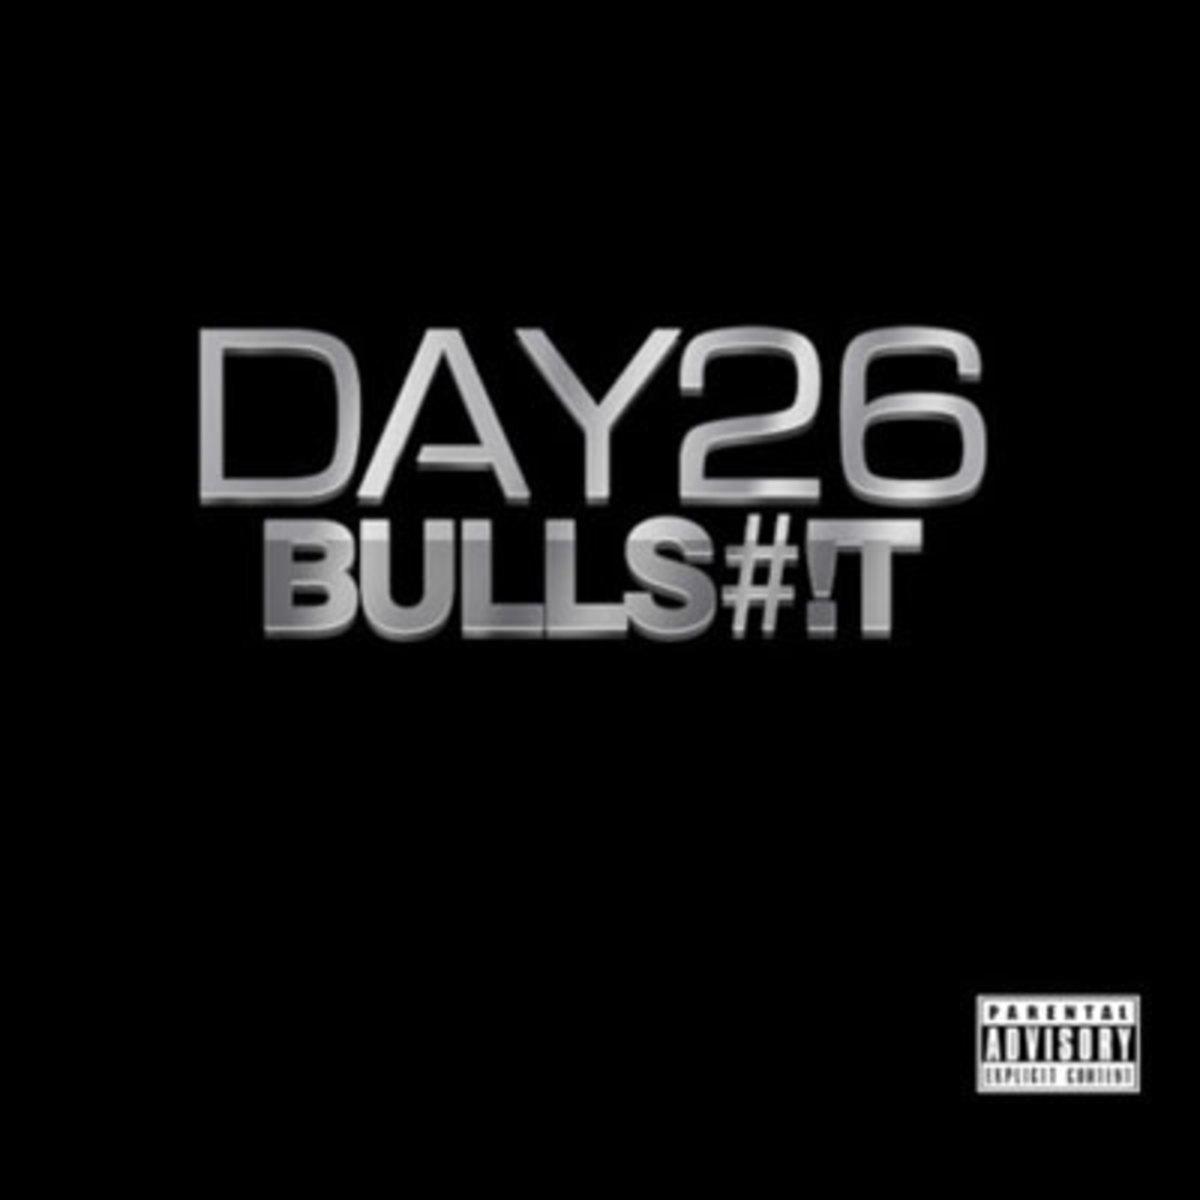 day26-bullsht.jpg